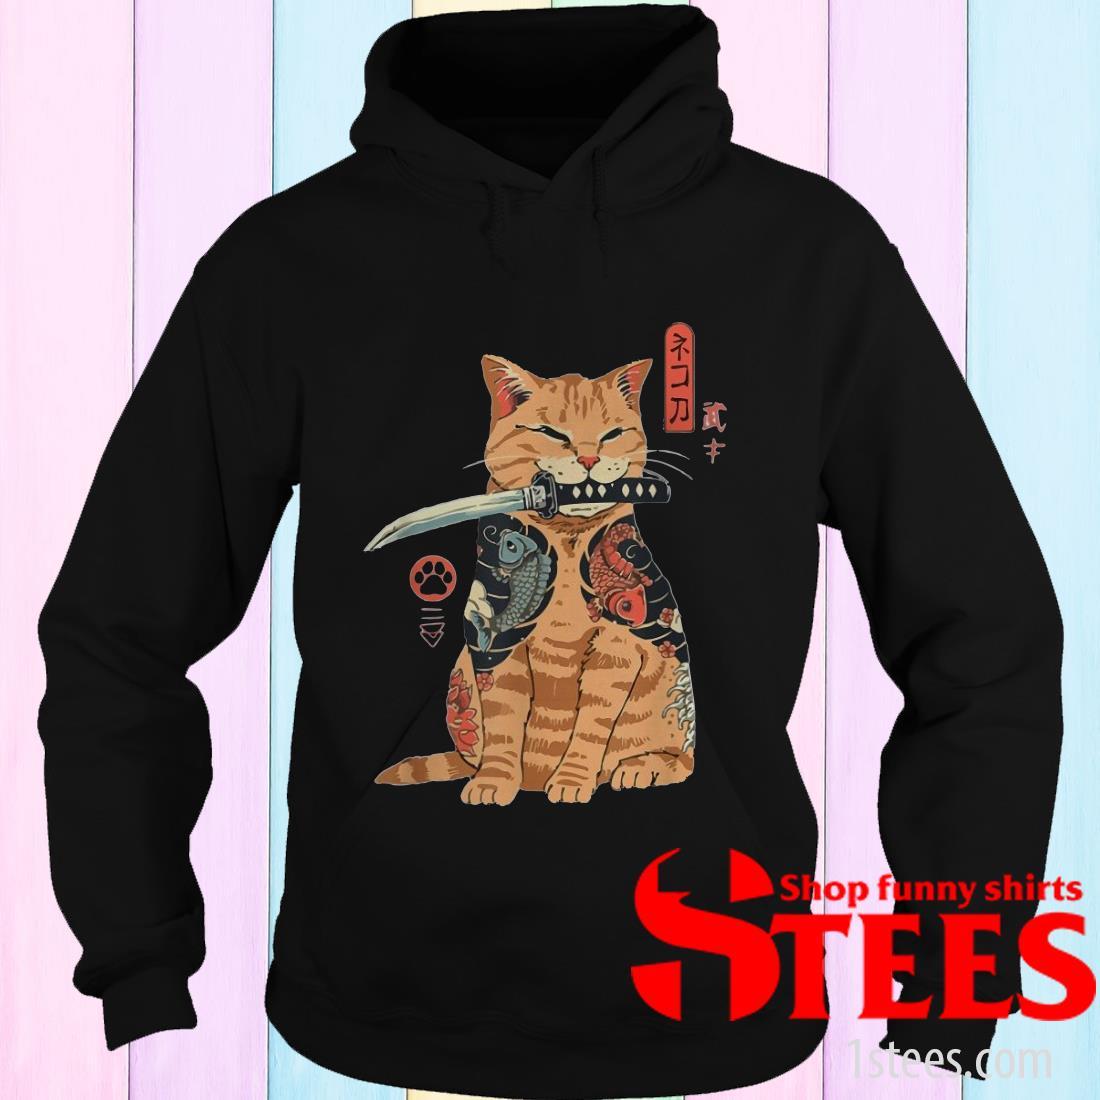 Cat Sitting with Katana Japanese Samurai Cat Hoodies